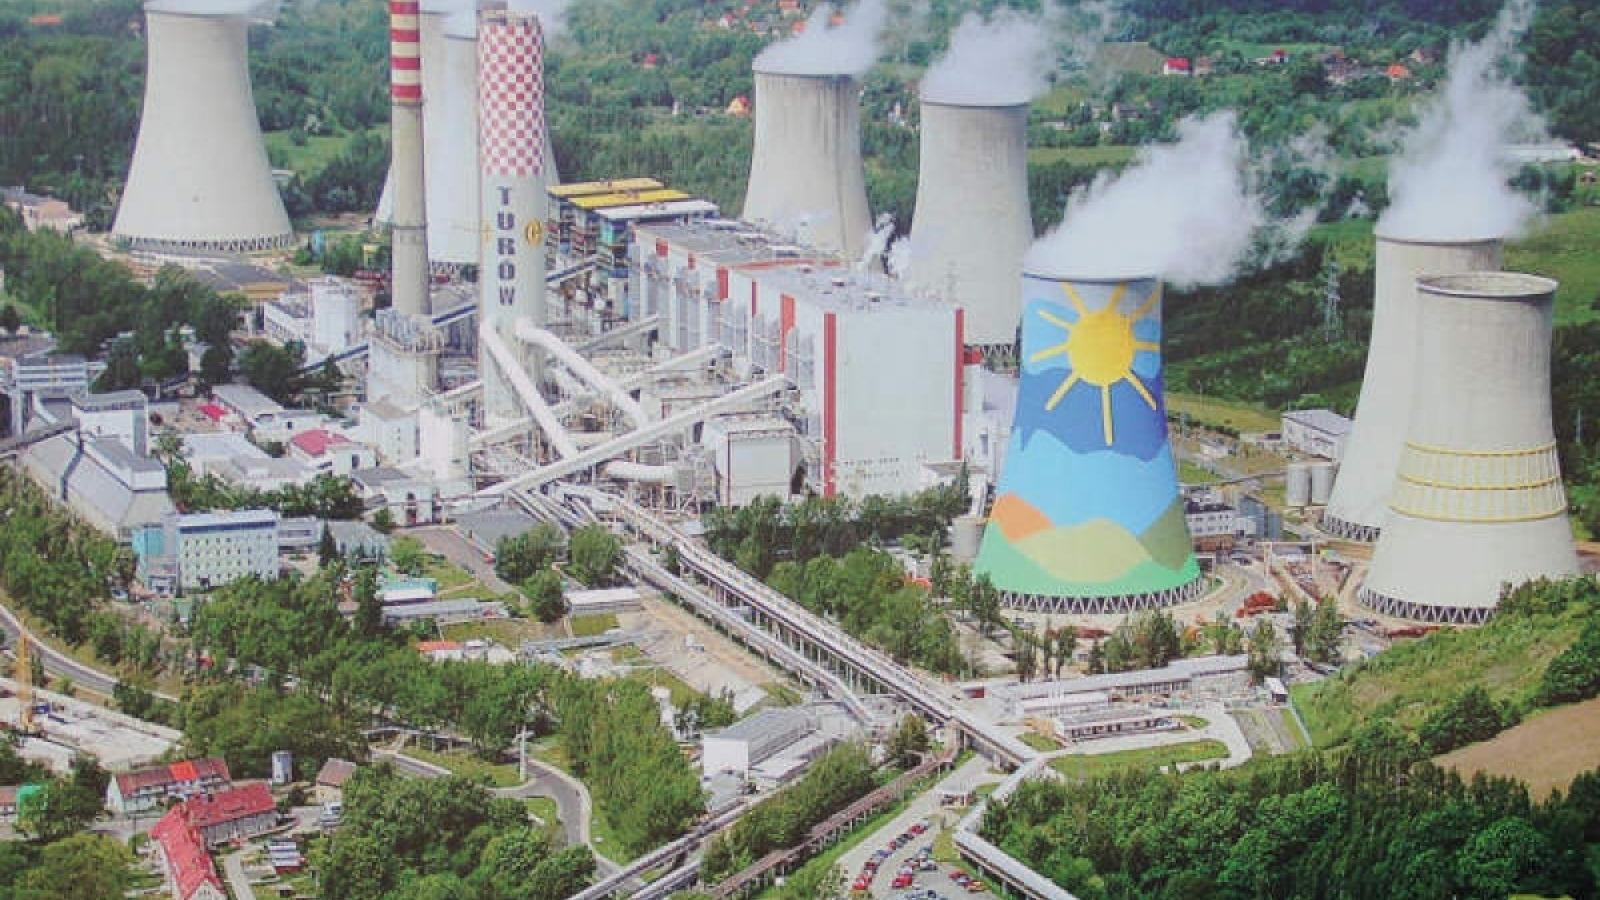 EU yêu cầu Ba Lan dừng khai thác mỏ than giáp biên giới Cộng hòa Séc